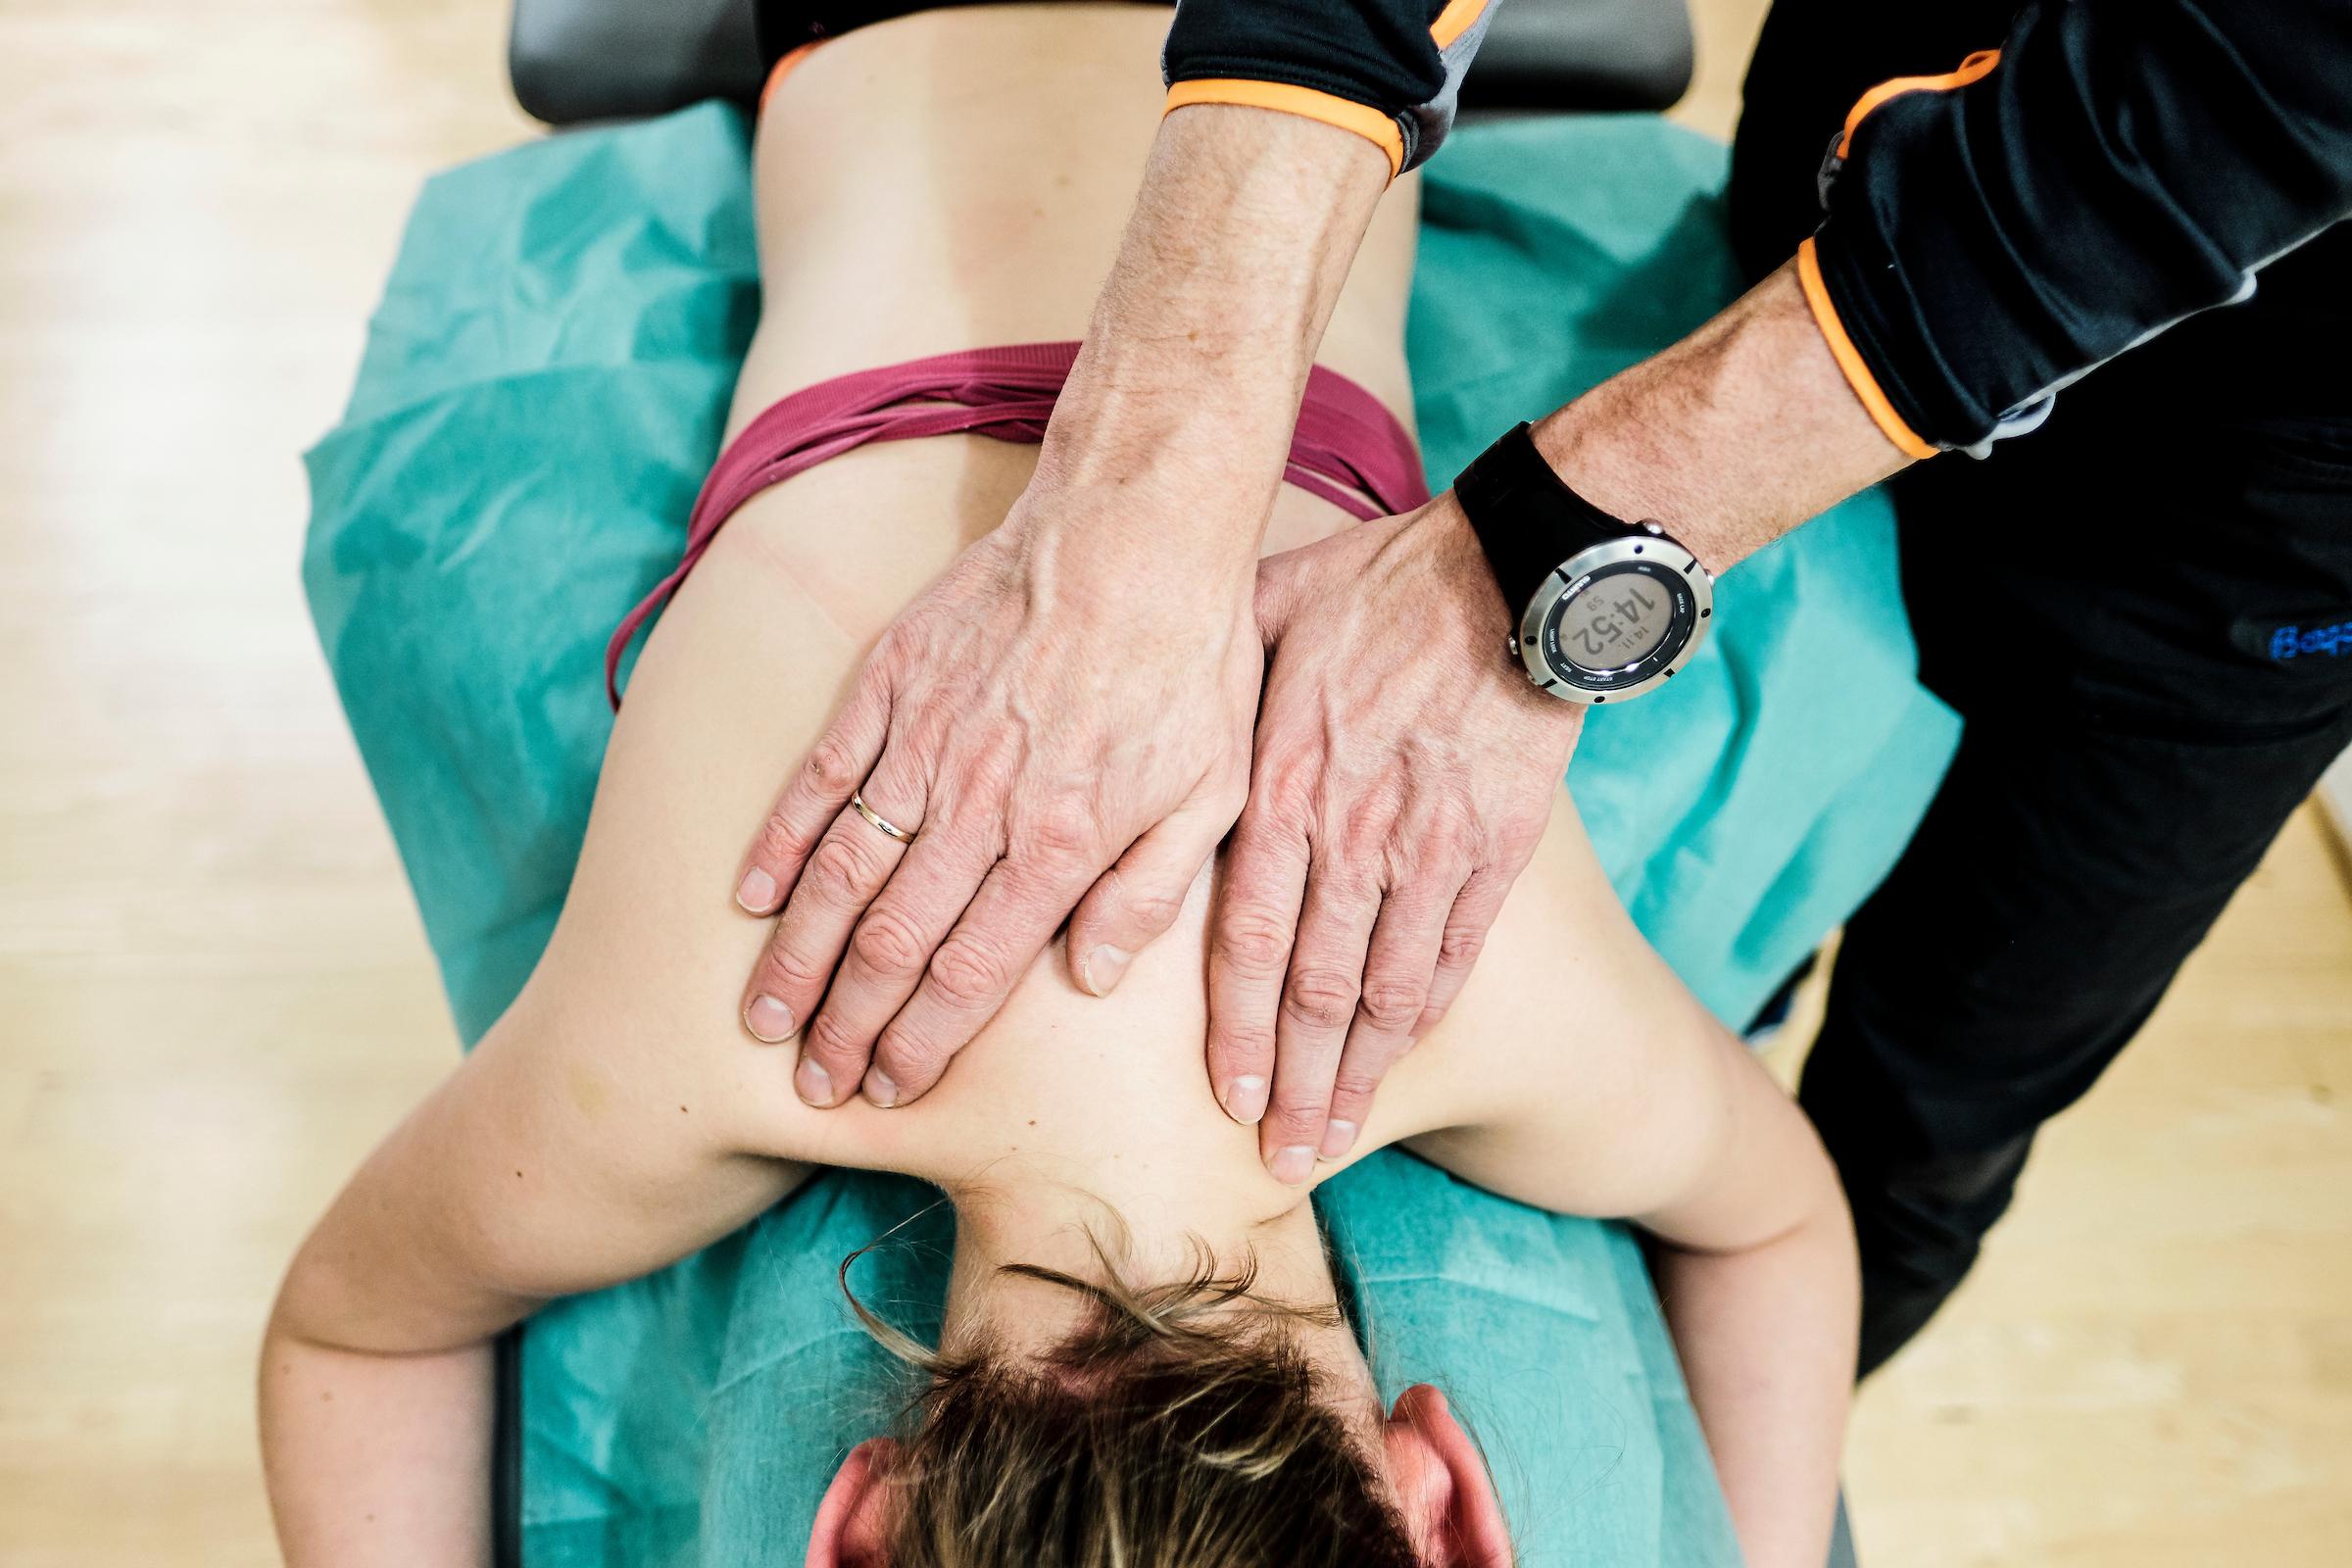 Jente som får behandling av en fysioterapeut